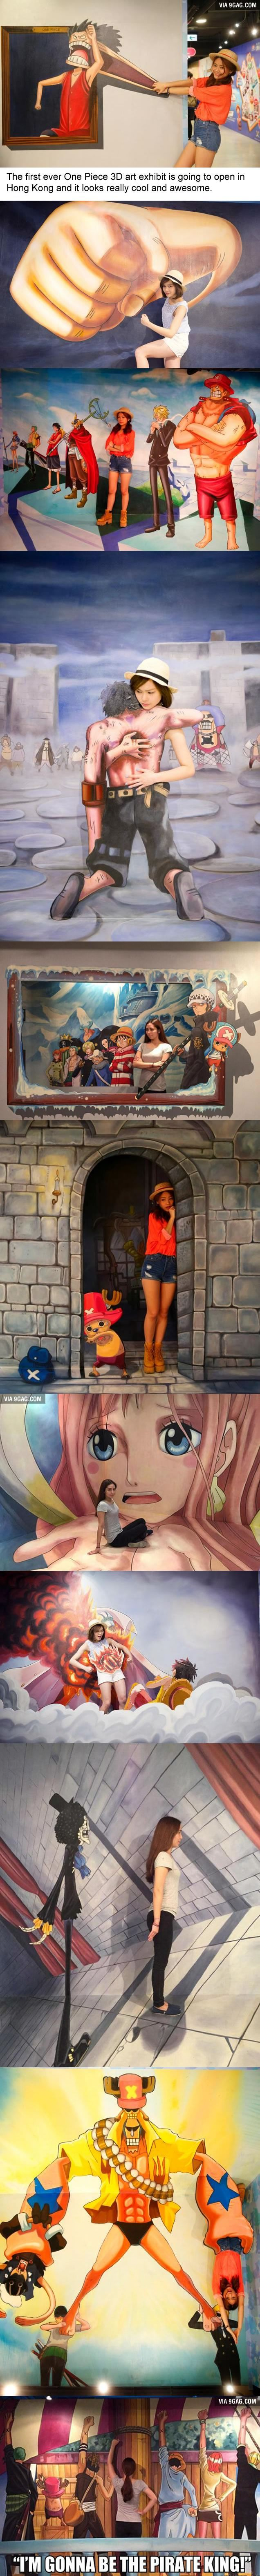 First One Piece 3D Art Exhibit Opens In Hong Kong!